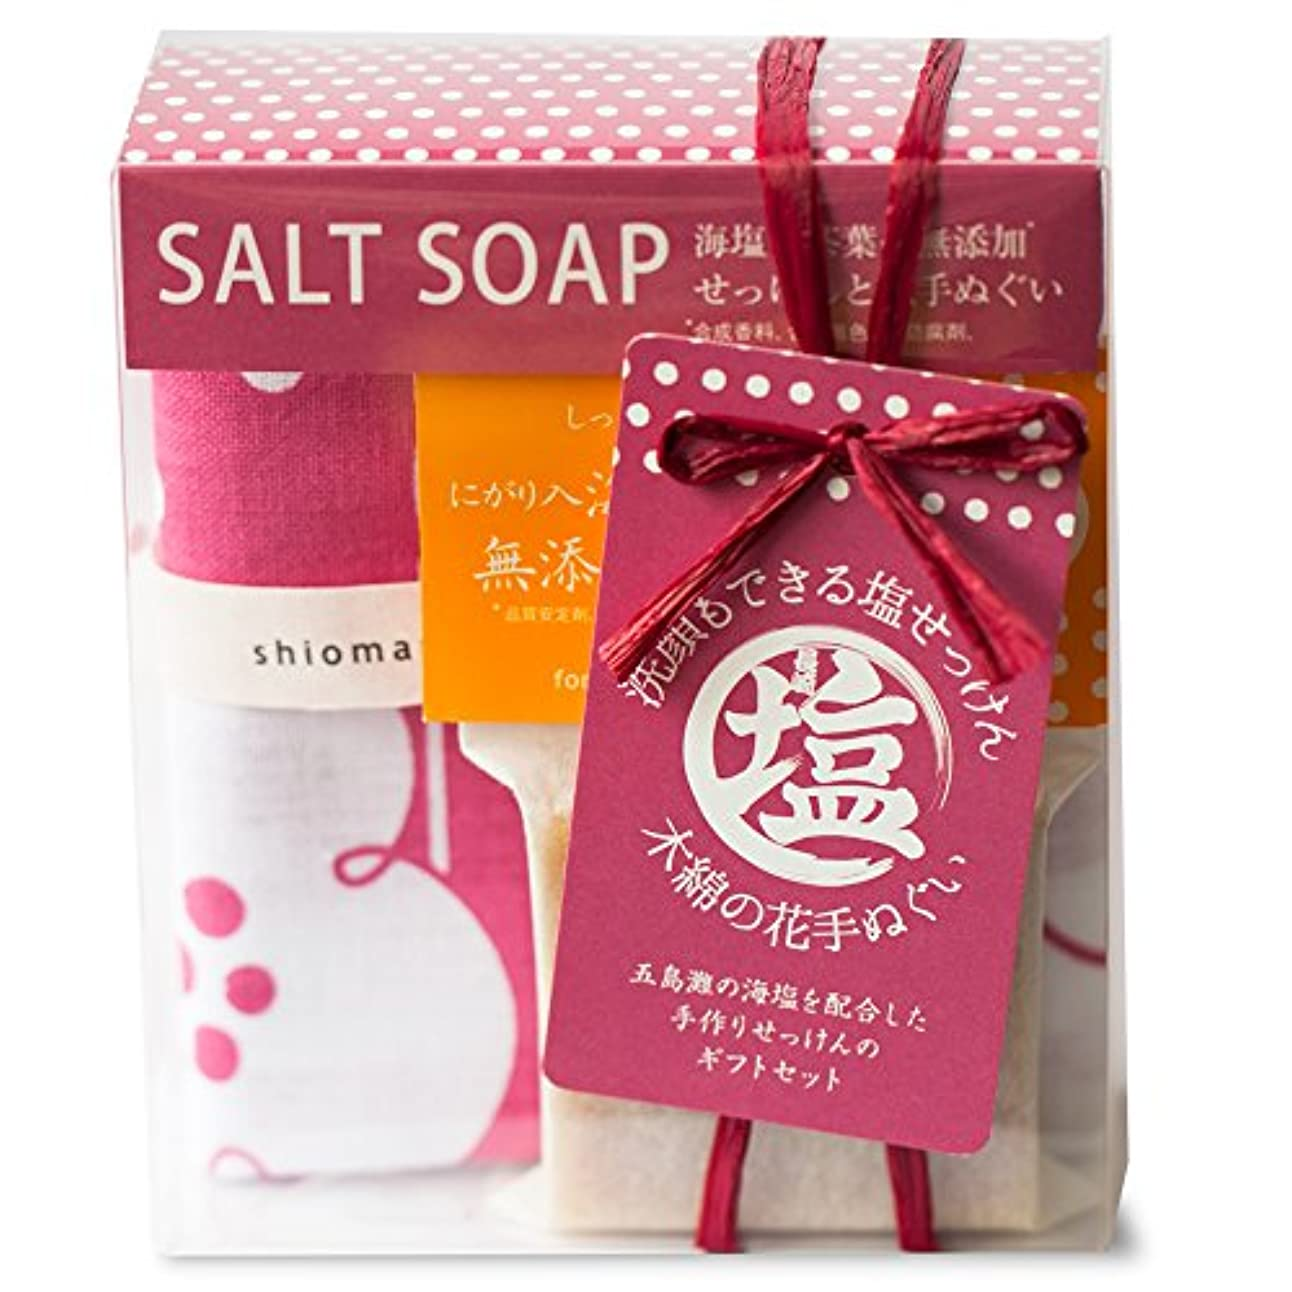 塩辛い失アーク(塩丸)にがり入海塩せっけん/ツバキ柄ぬぐいのセット/オレンジ(蜂蜜配合/乾燥肌用)